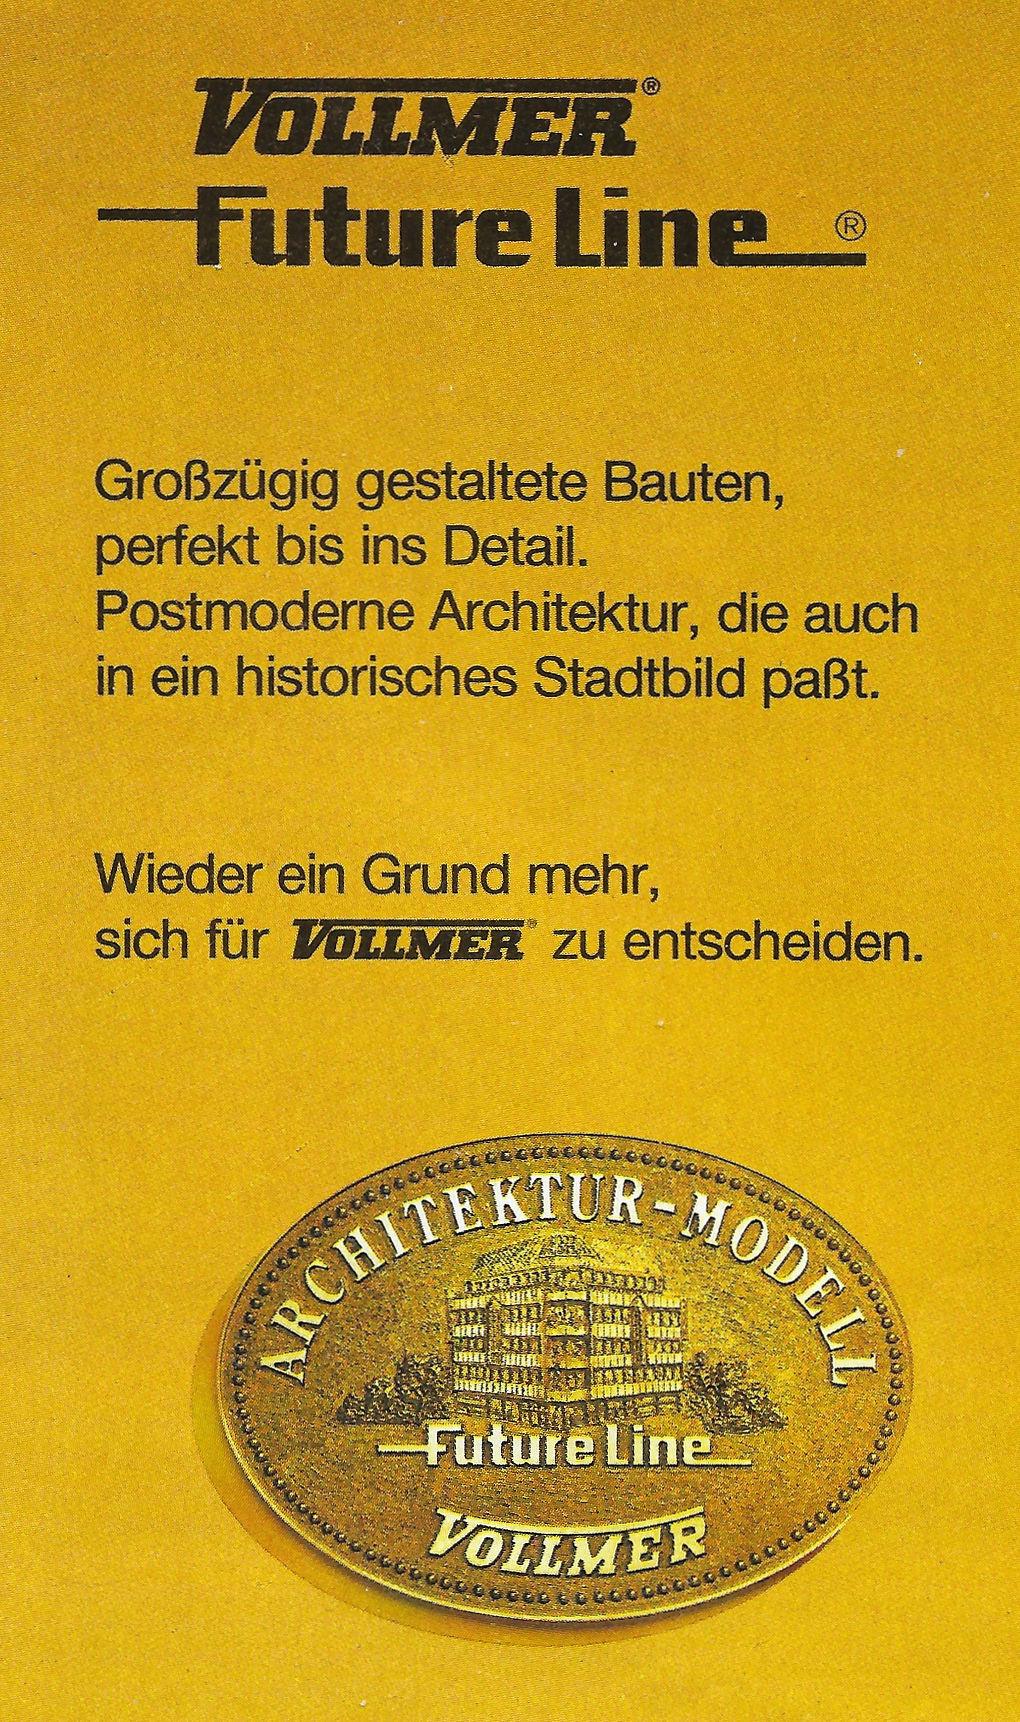 Vollmer-FutureLine (Bild: Vollmer-Katalog 1987, privat)